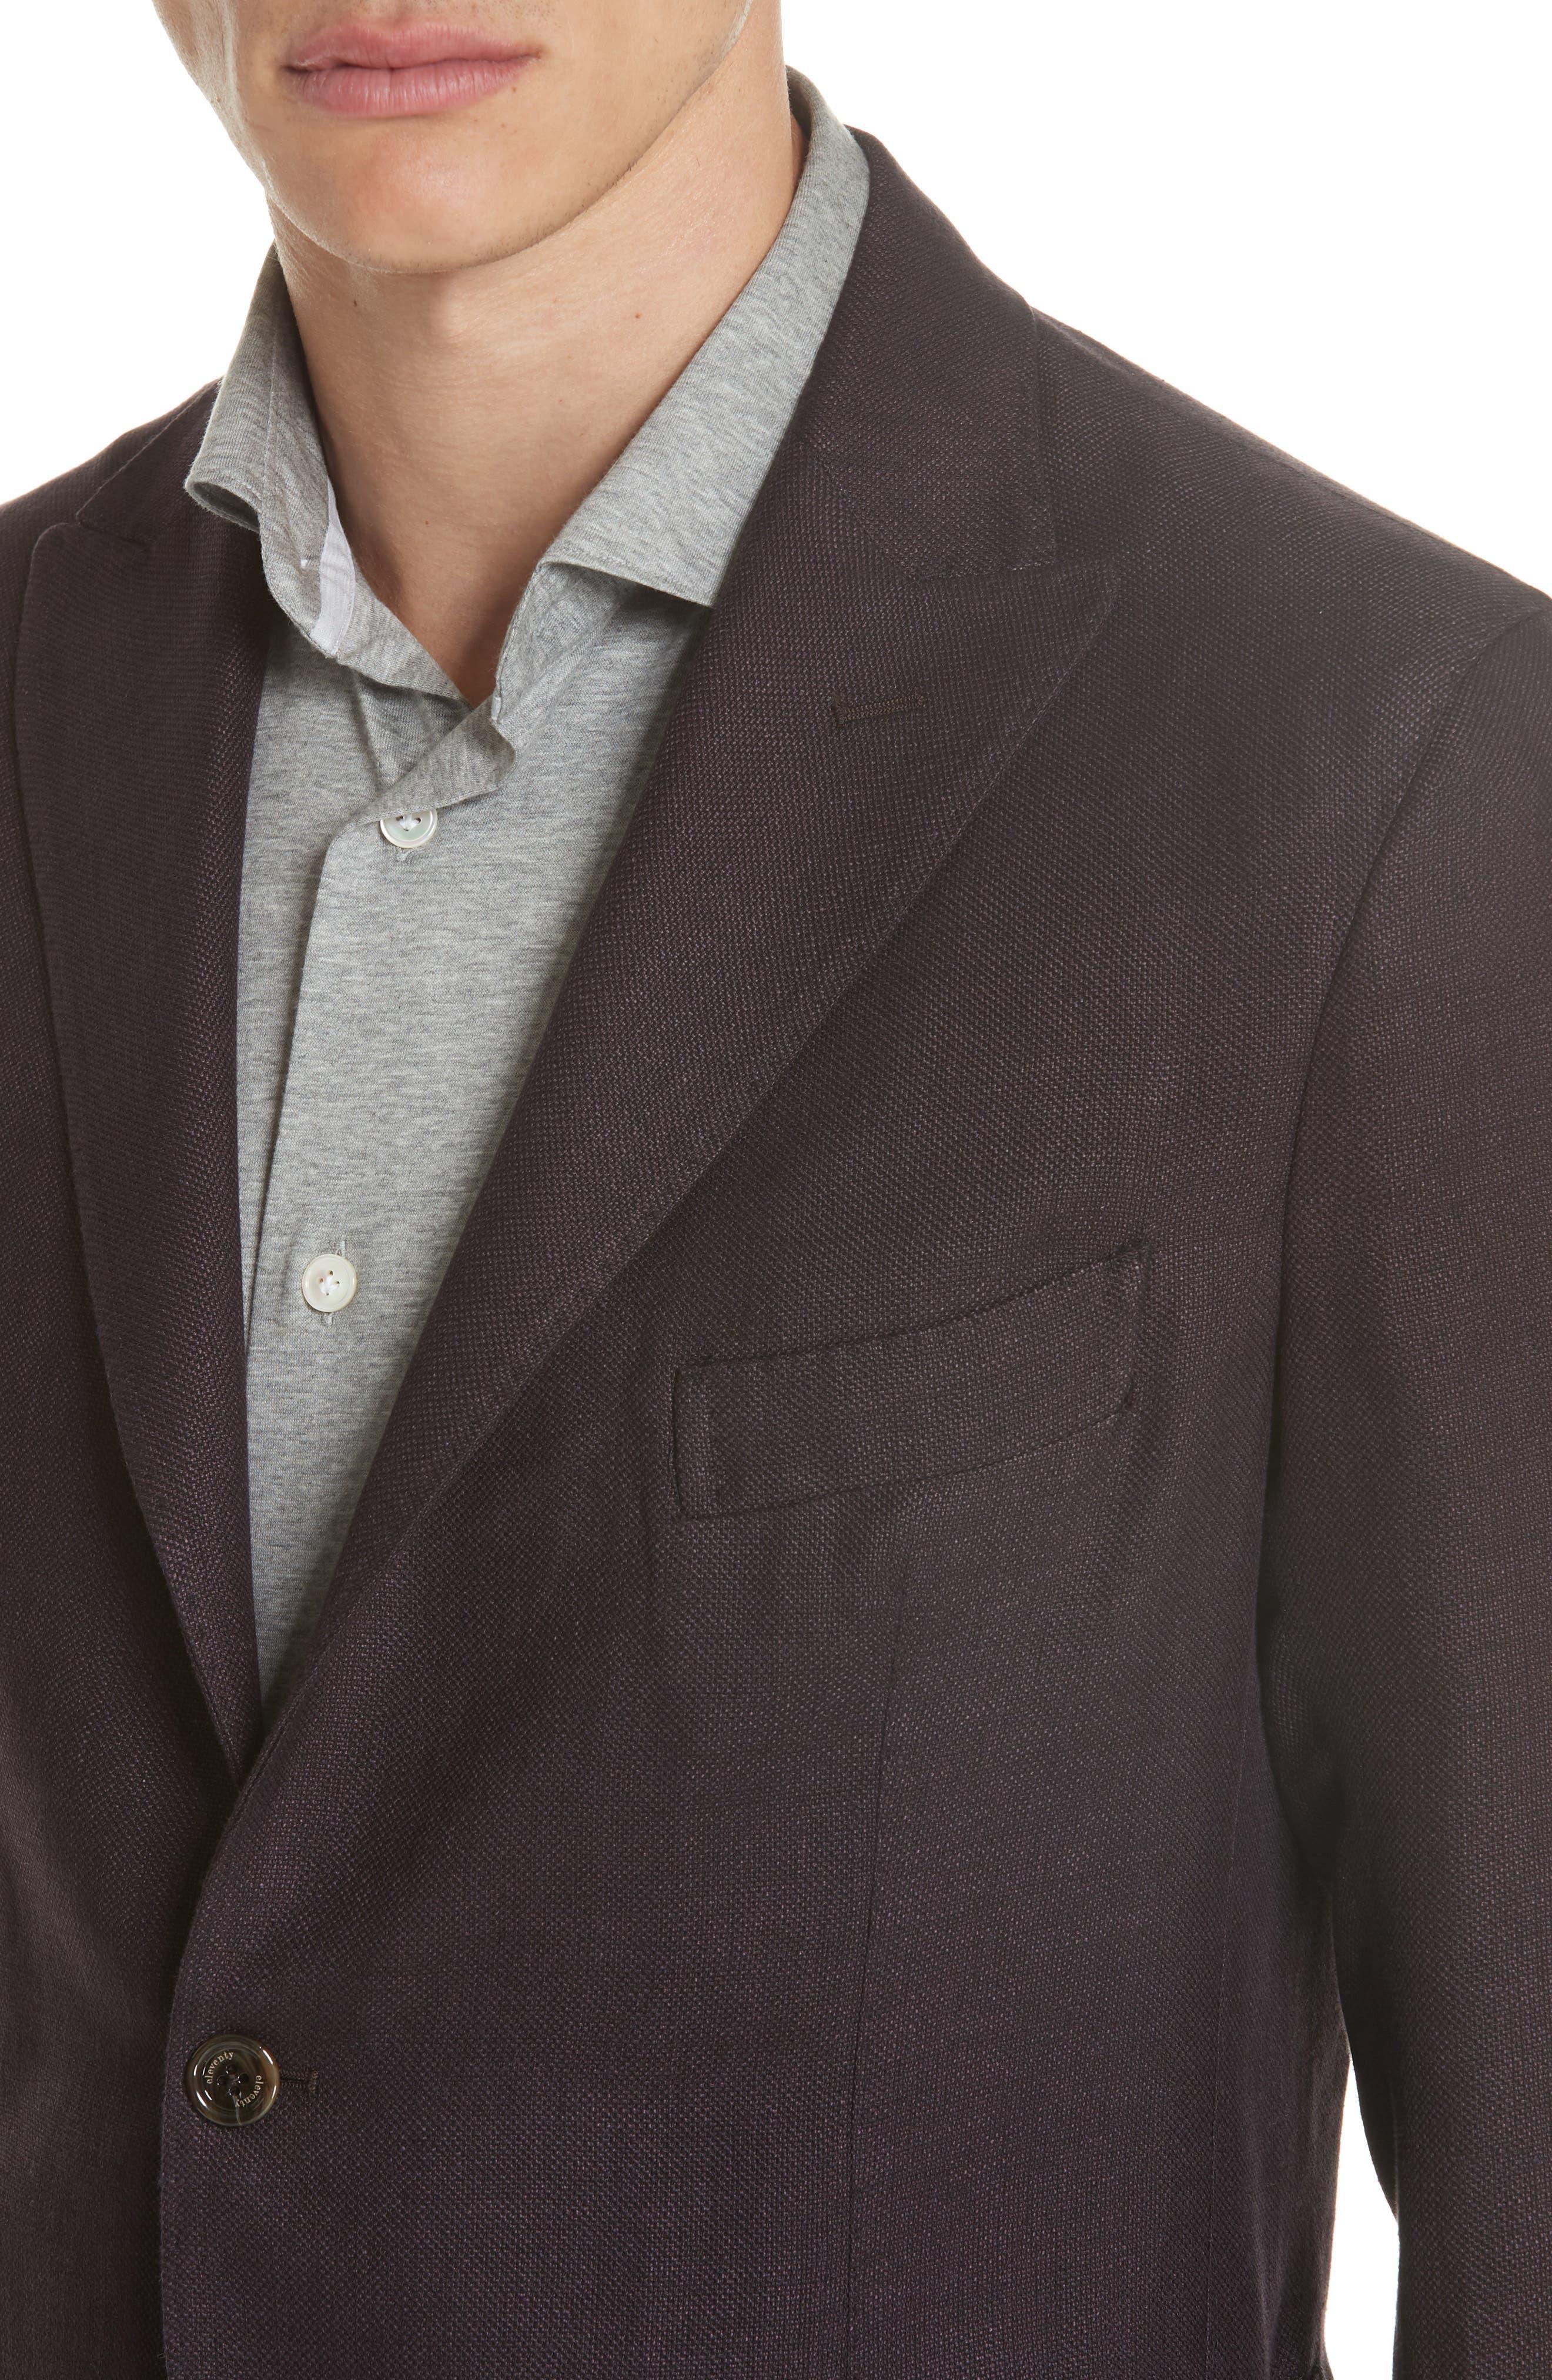 Trim Fit Linen Blend Blazer,                             Alternate thumbnail 4, color,                             500